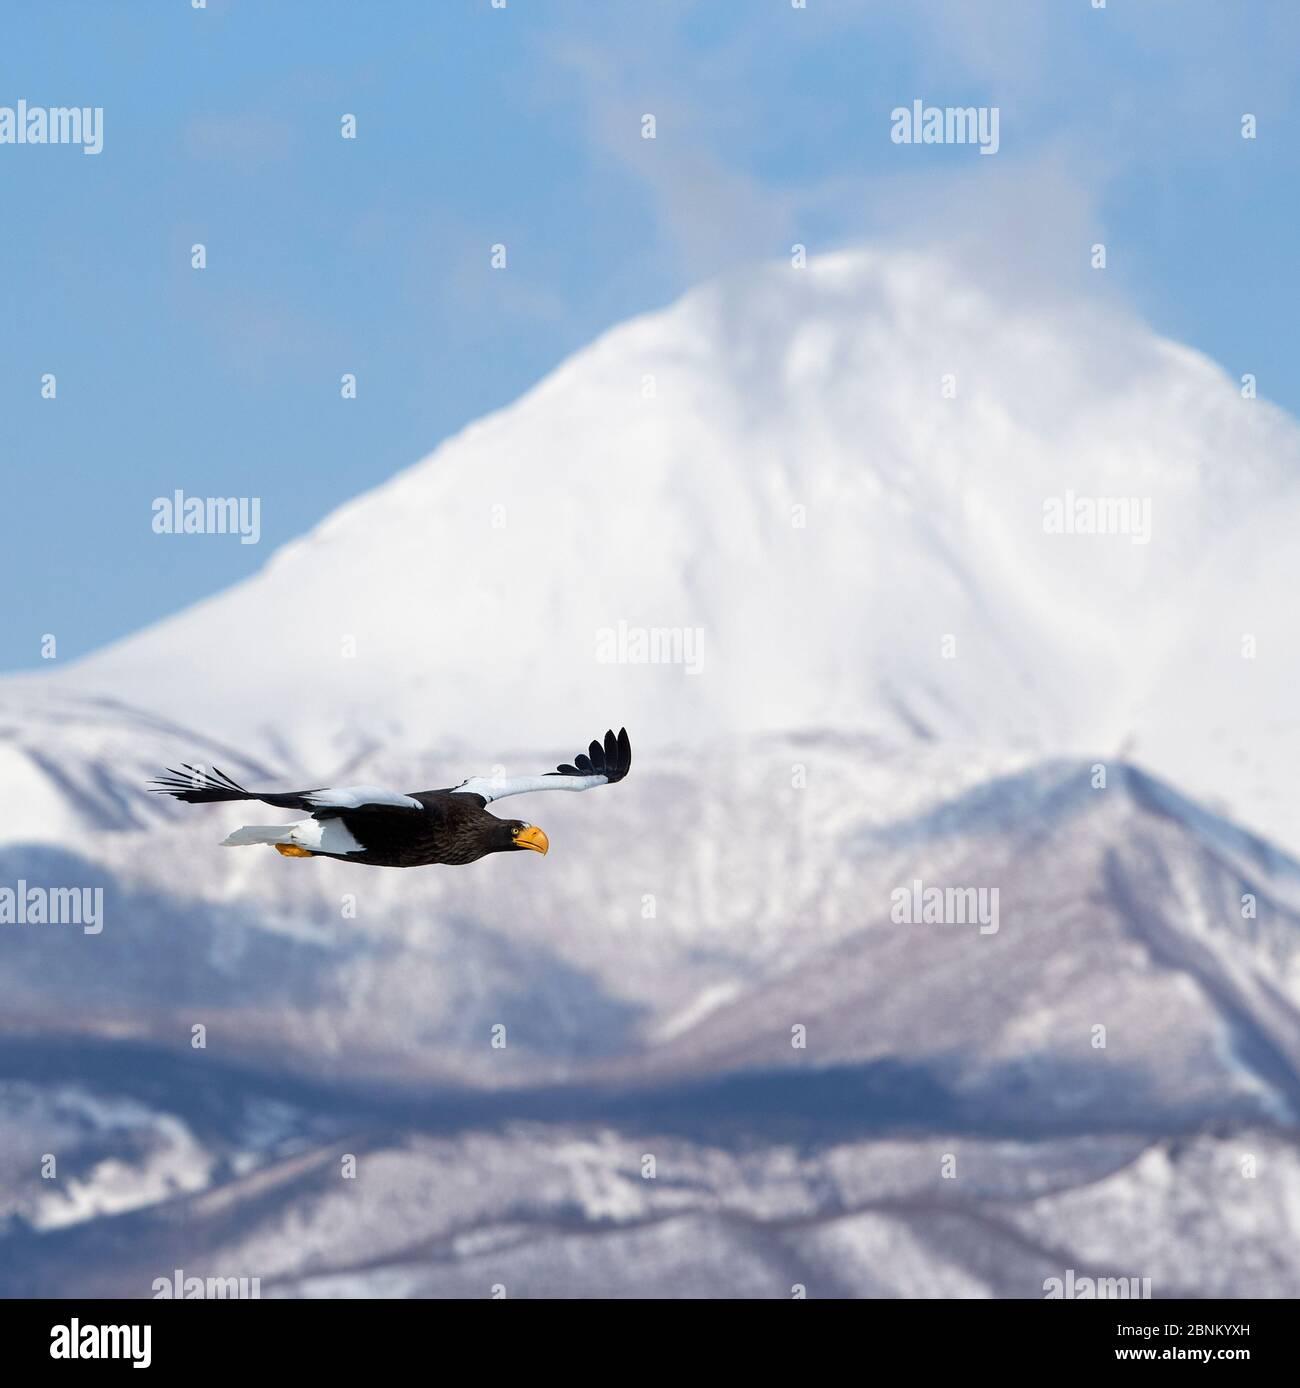 L'aigle de mer de Steller (Haliaeetus pelagicus) en vol avec des montagnes derrière, Hokkaido Japon Février Banque D'Images